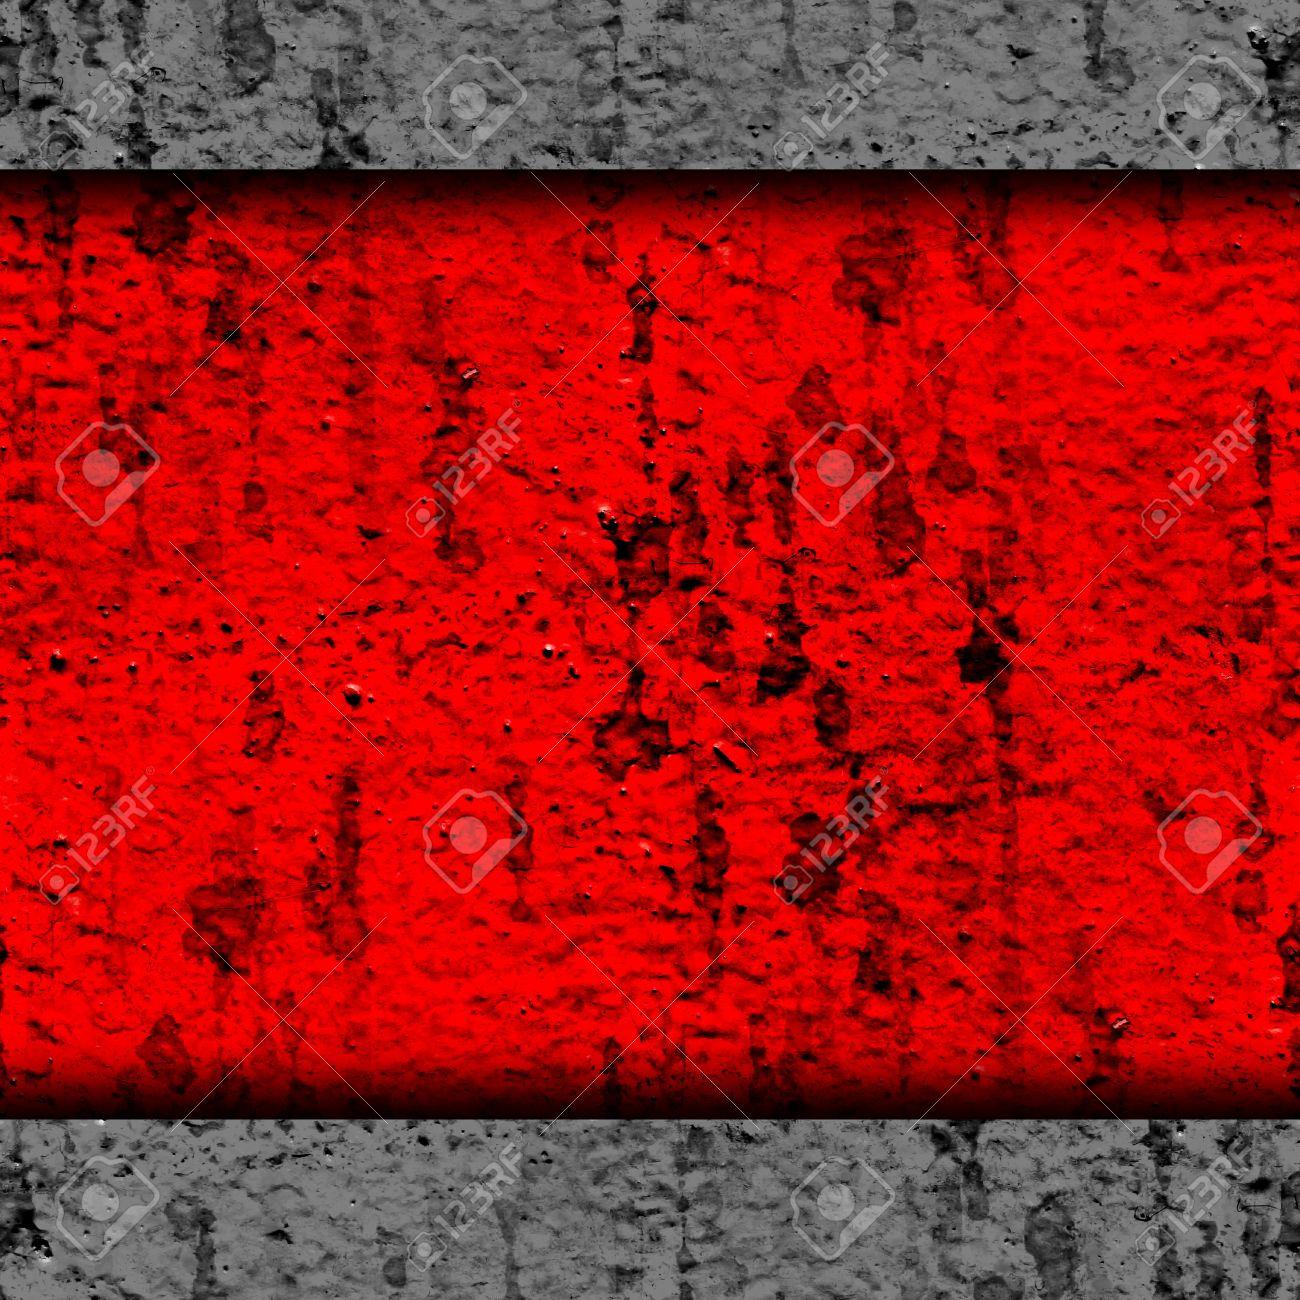 シームレスなテクスチャの赤い悪魔の筋の血液の壁紙であなた の写真